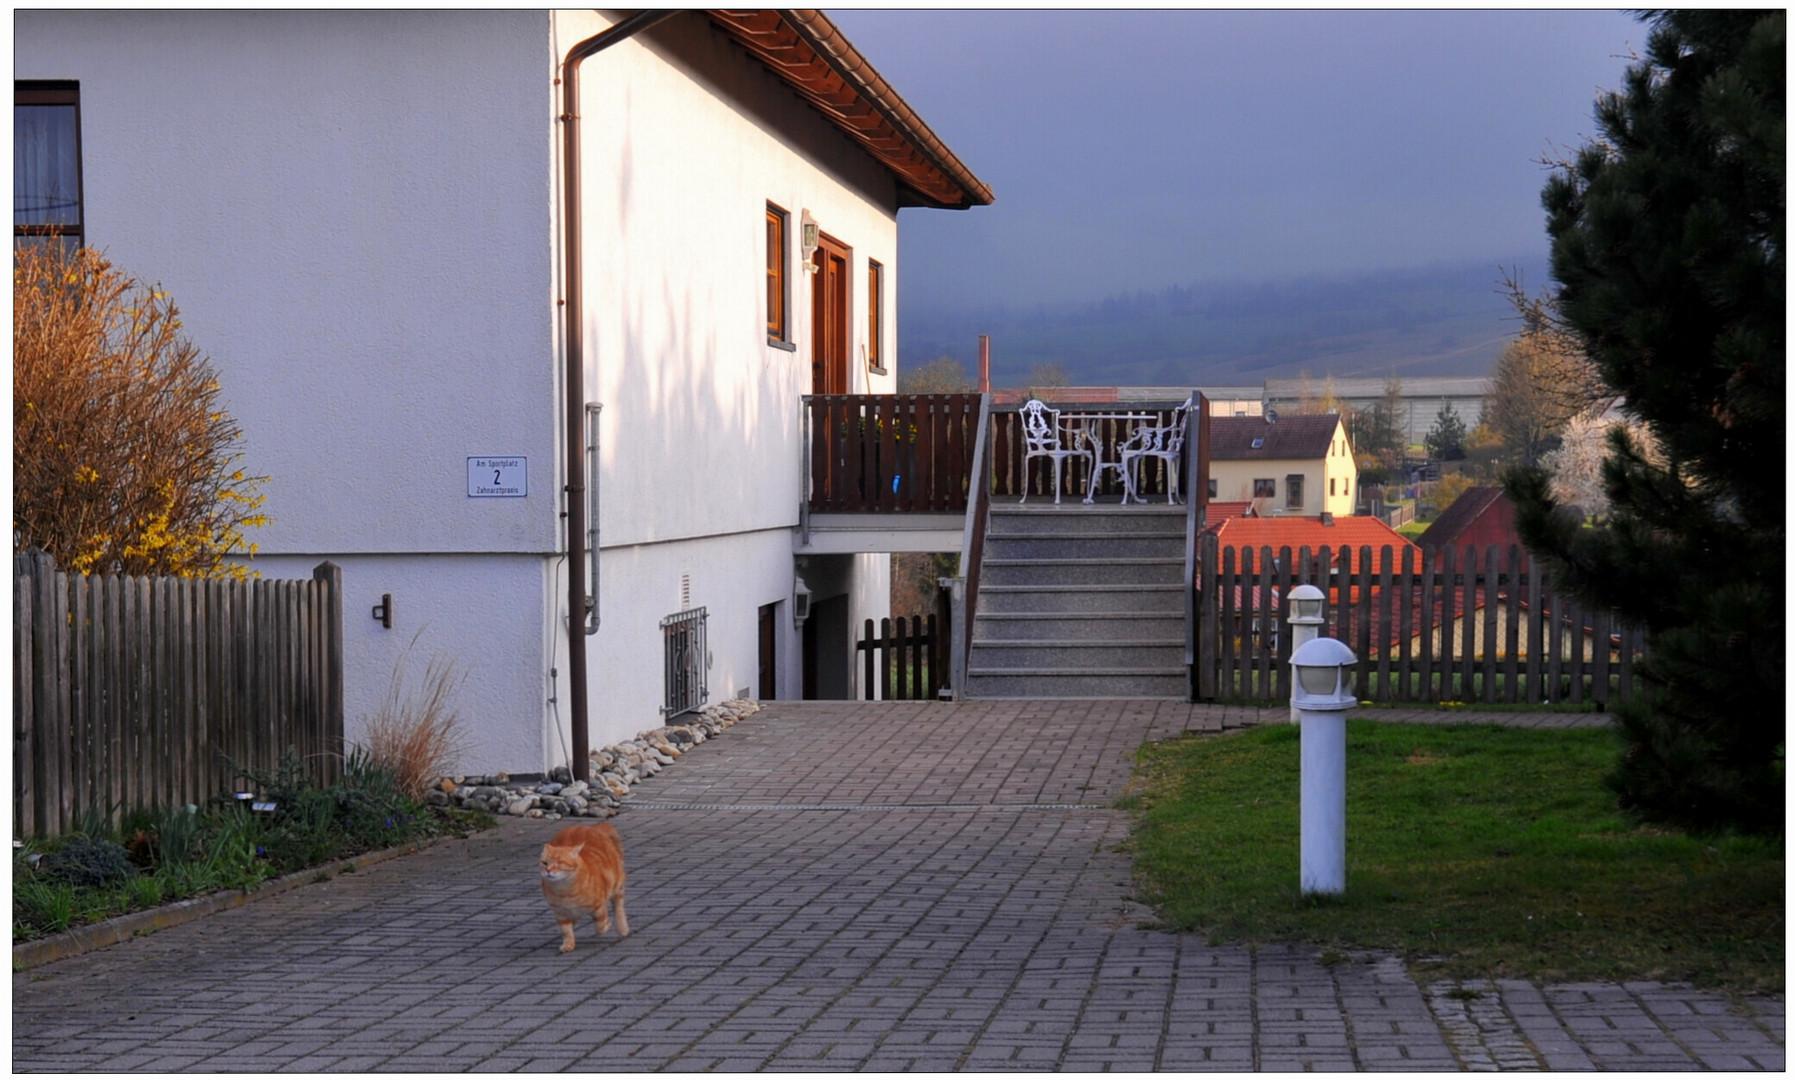 el paseo de la madrugada empieza (Morgenspaziergang)